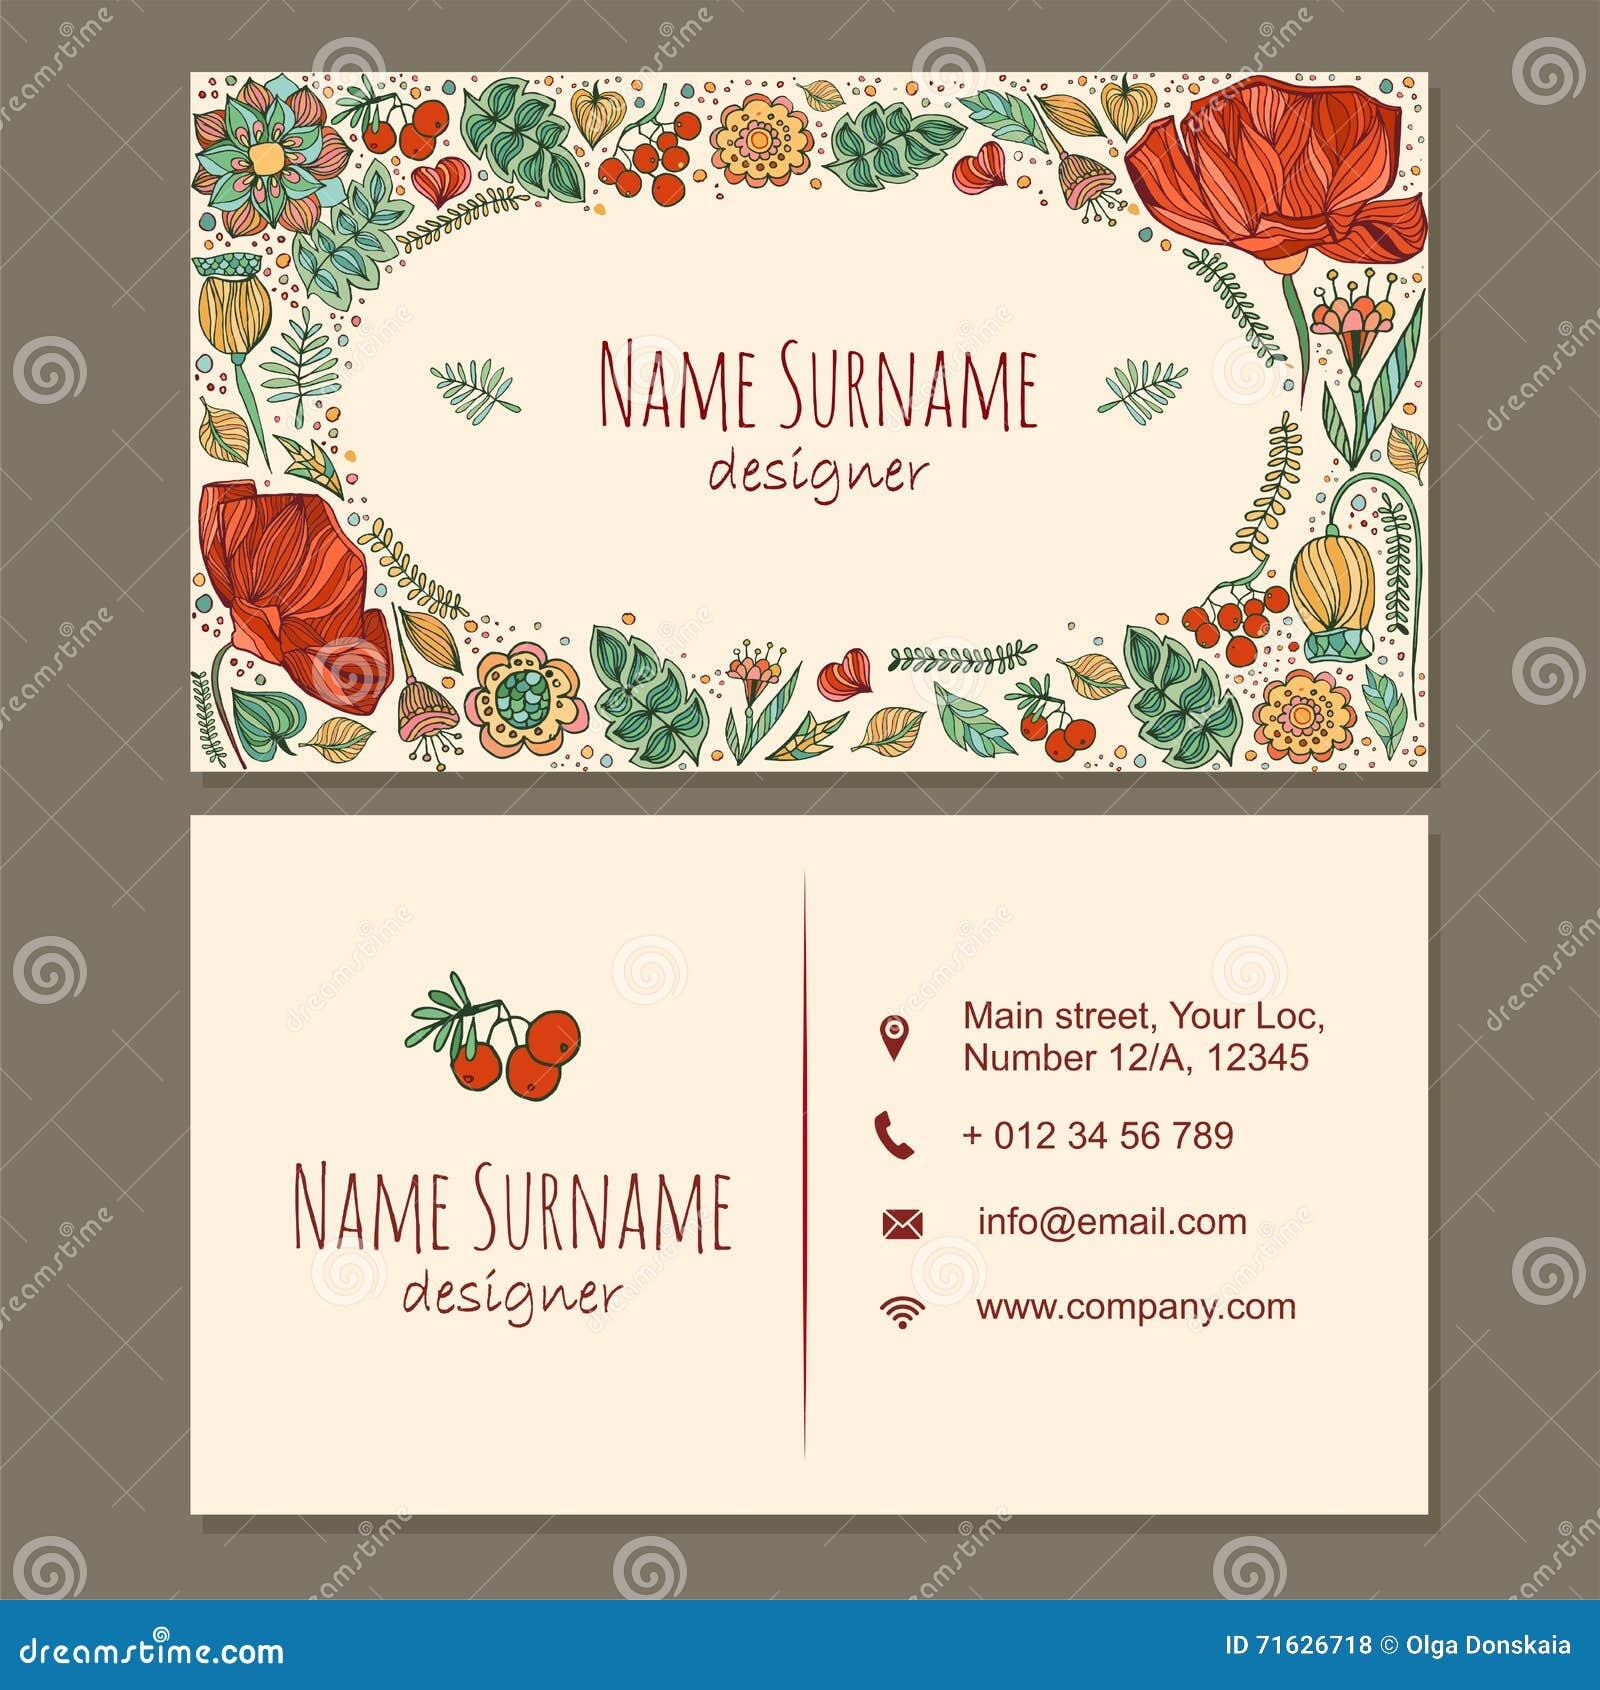 Visitenkarte Visitenkarte Mit Nette Hand Gezeichnetem